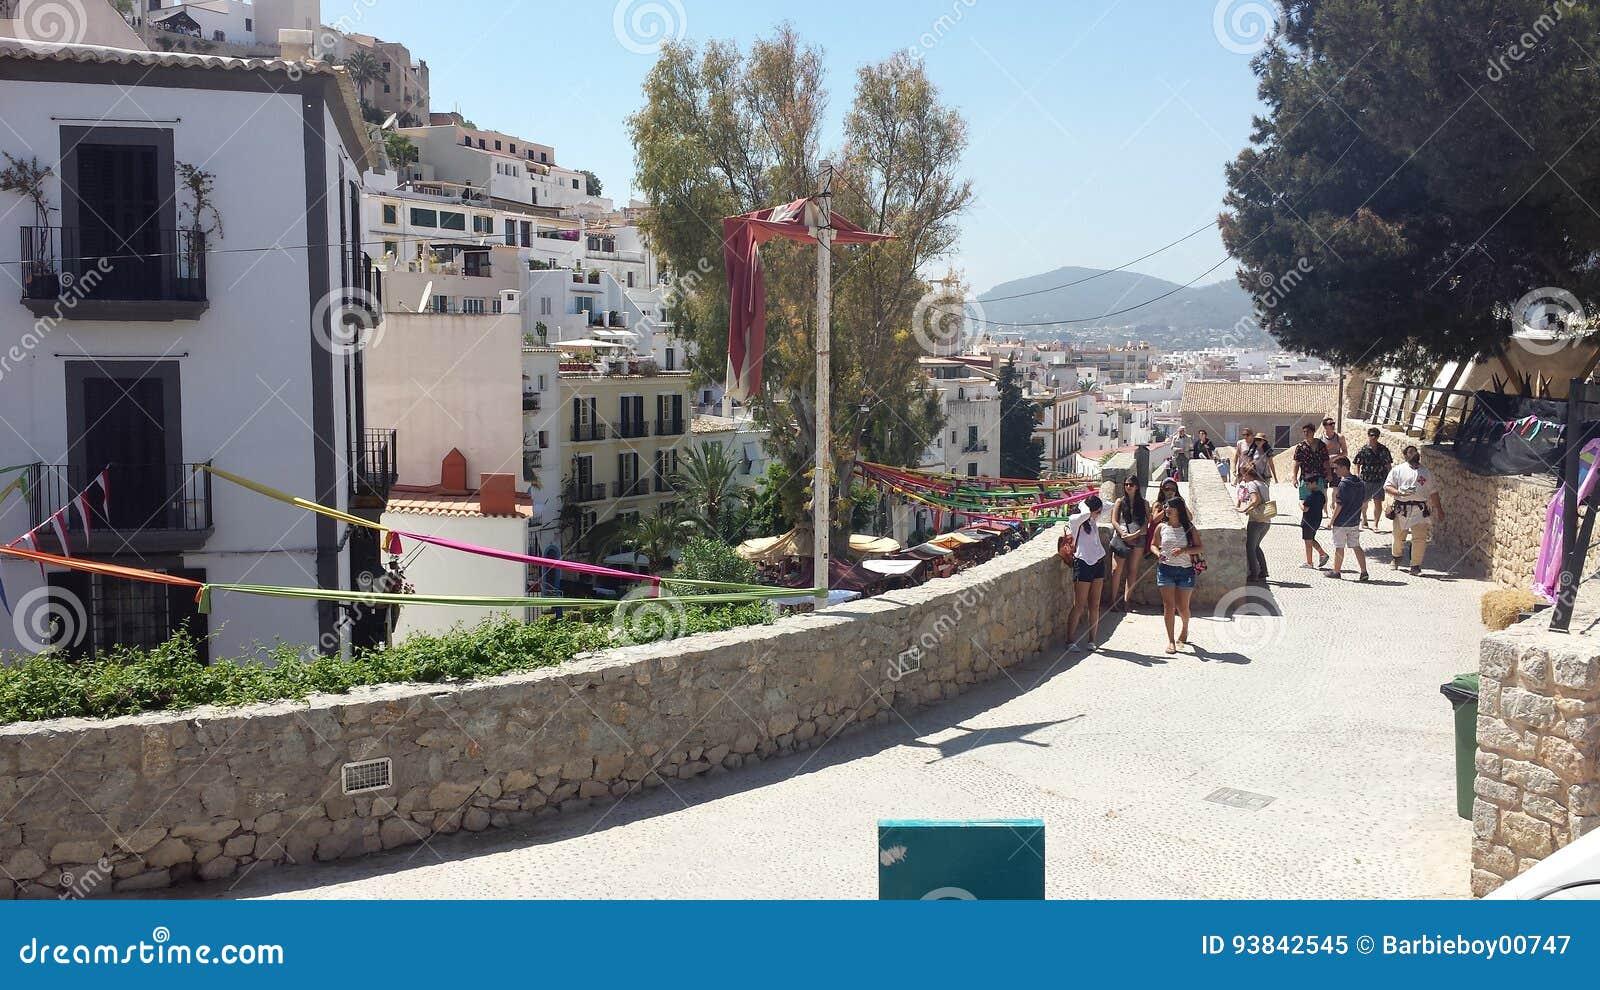 arab markets ibiza spain stock image. image of exotic - 93842545